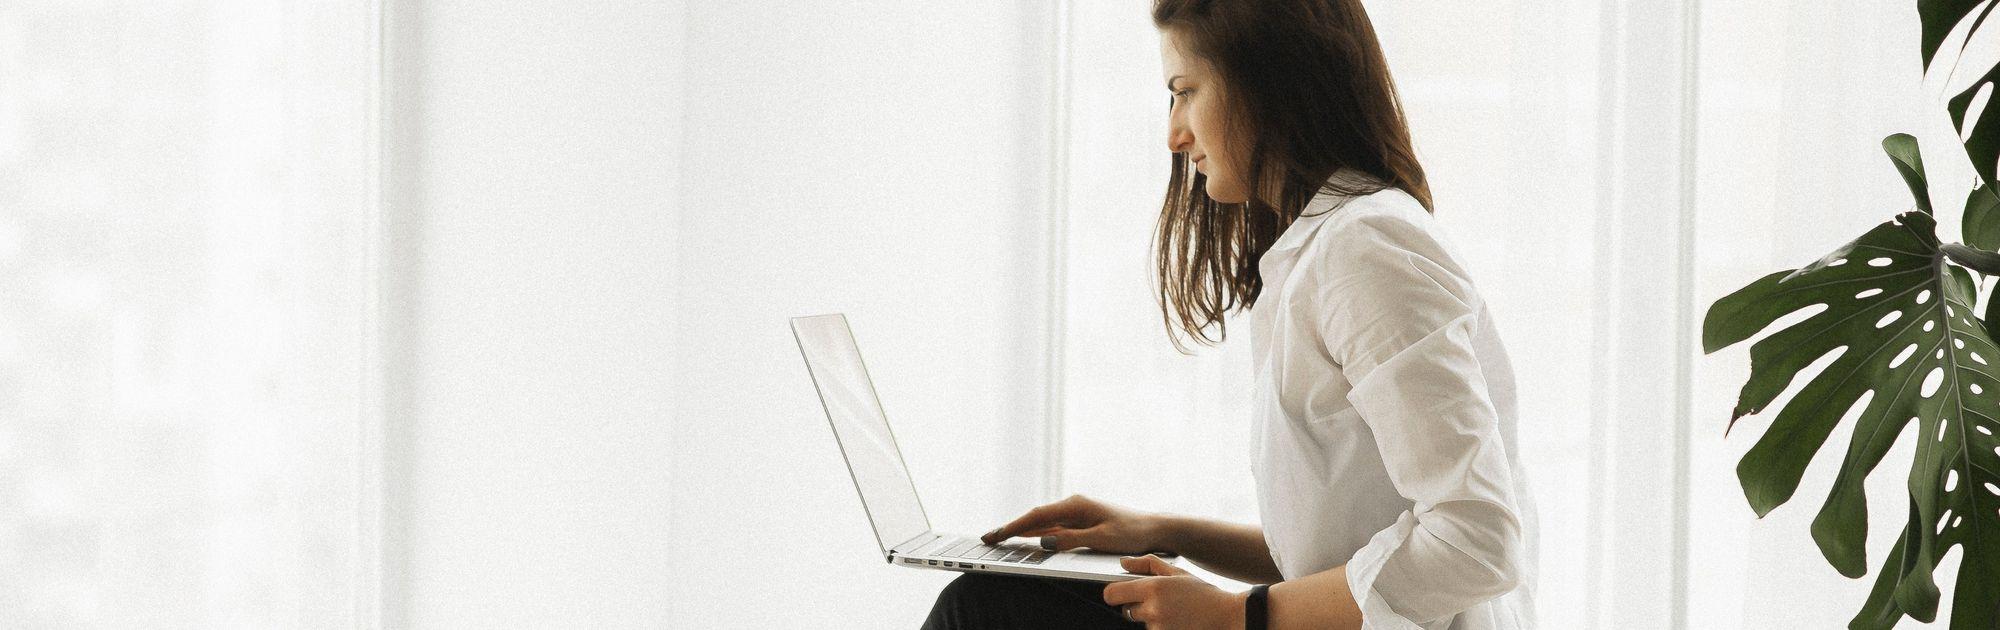 Tips para combatir el estrés asociado al home office